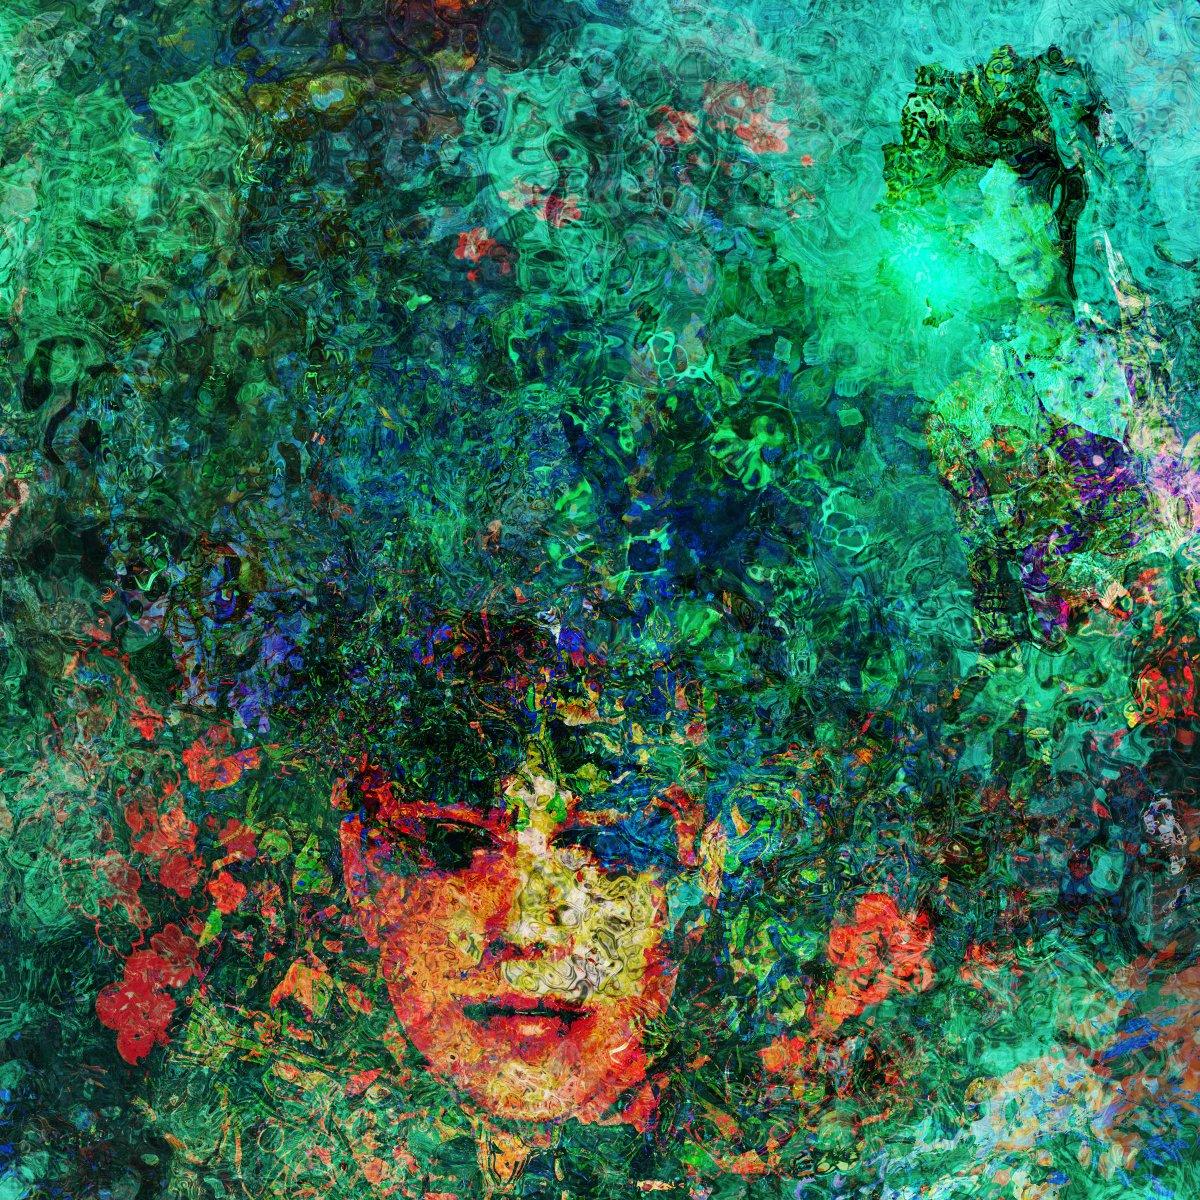 美しきベル 200923 0 #ピアノ #万葉集 #音楽 #ジャズ #海 #抽象CGアート #抽象 #CG #抽象画 #女神 https://t.co/r2PmptokQB https://t.co/dvinullsDg